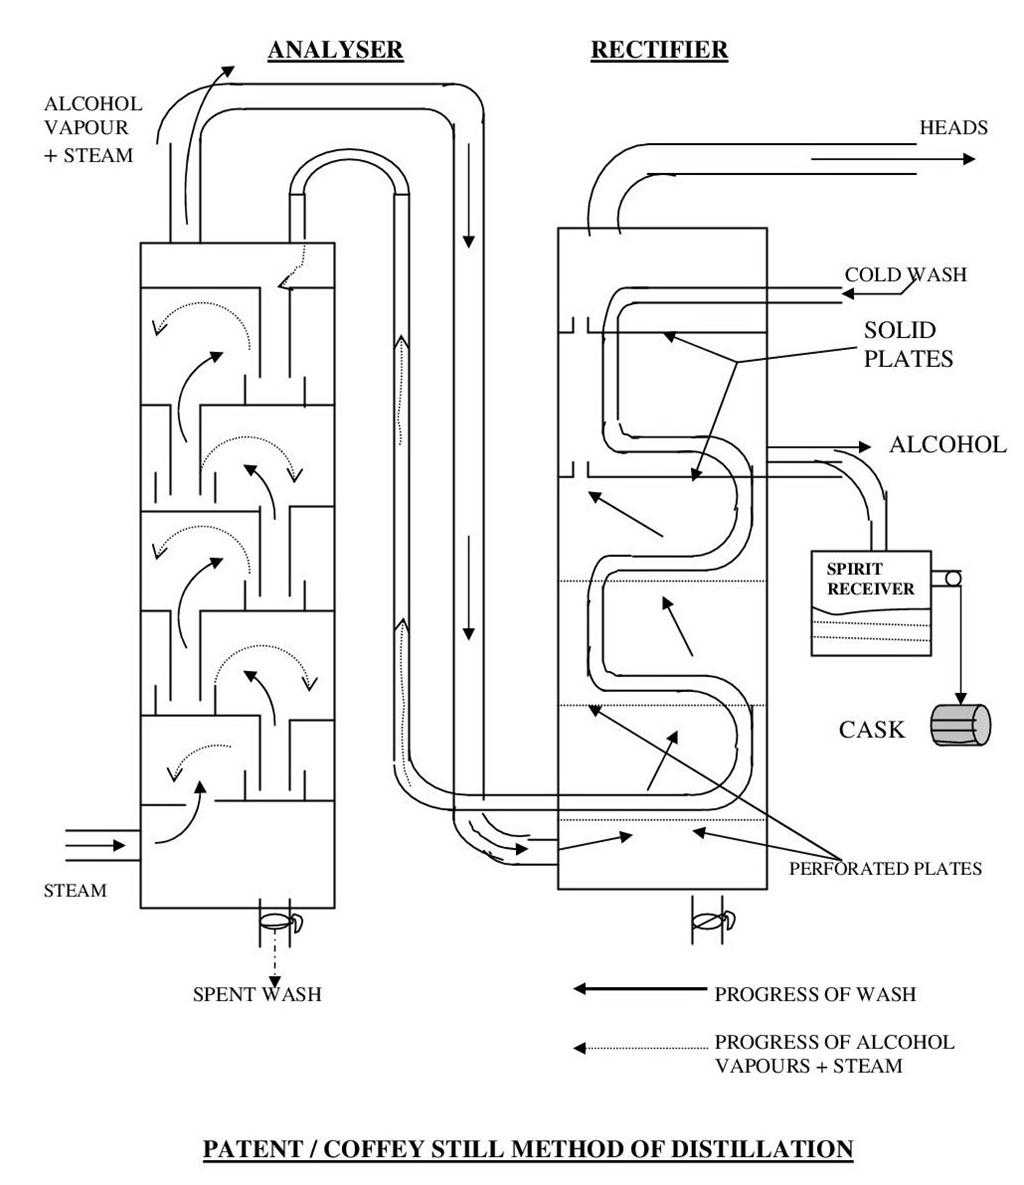 Spirits Distillation - Patent Still